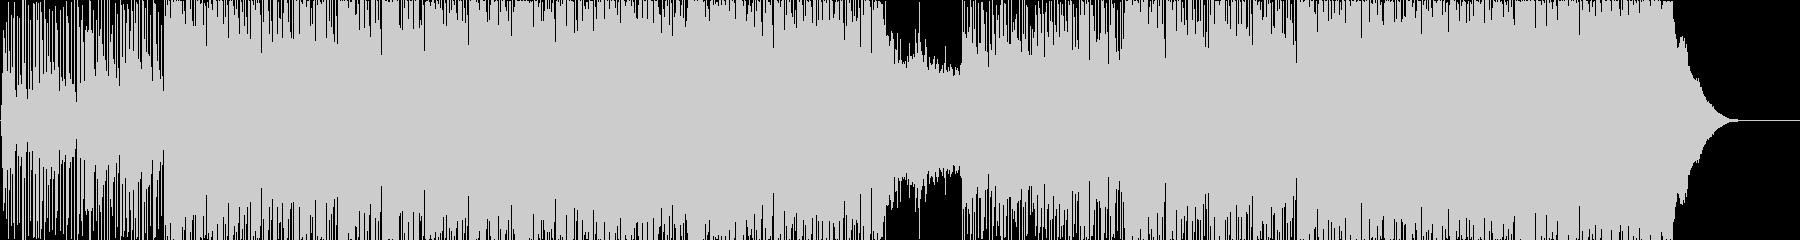 三味線や琴を使用した和風ロックの未再生の波形